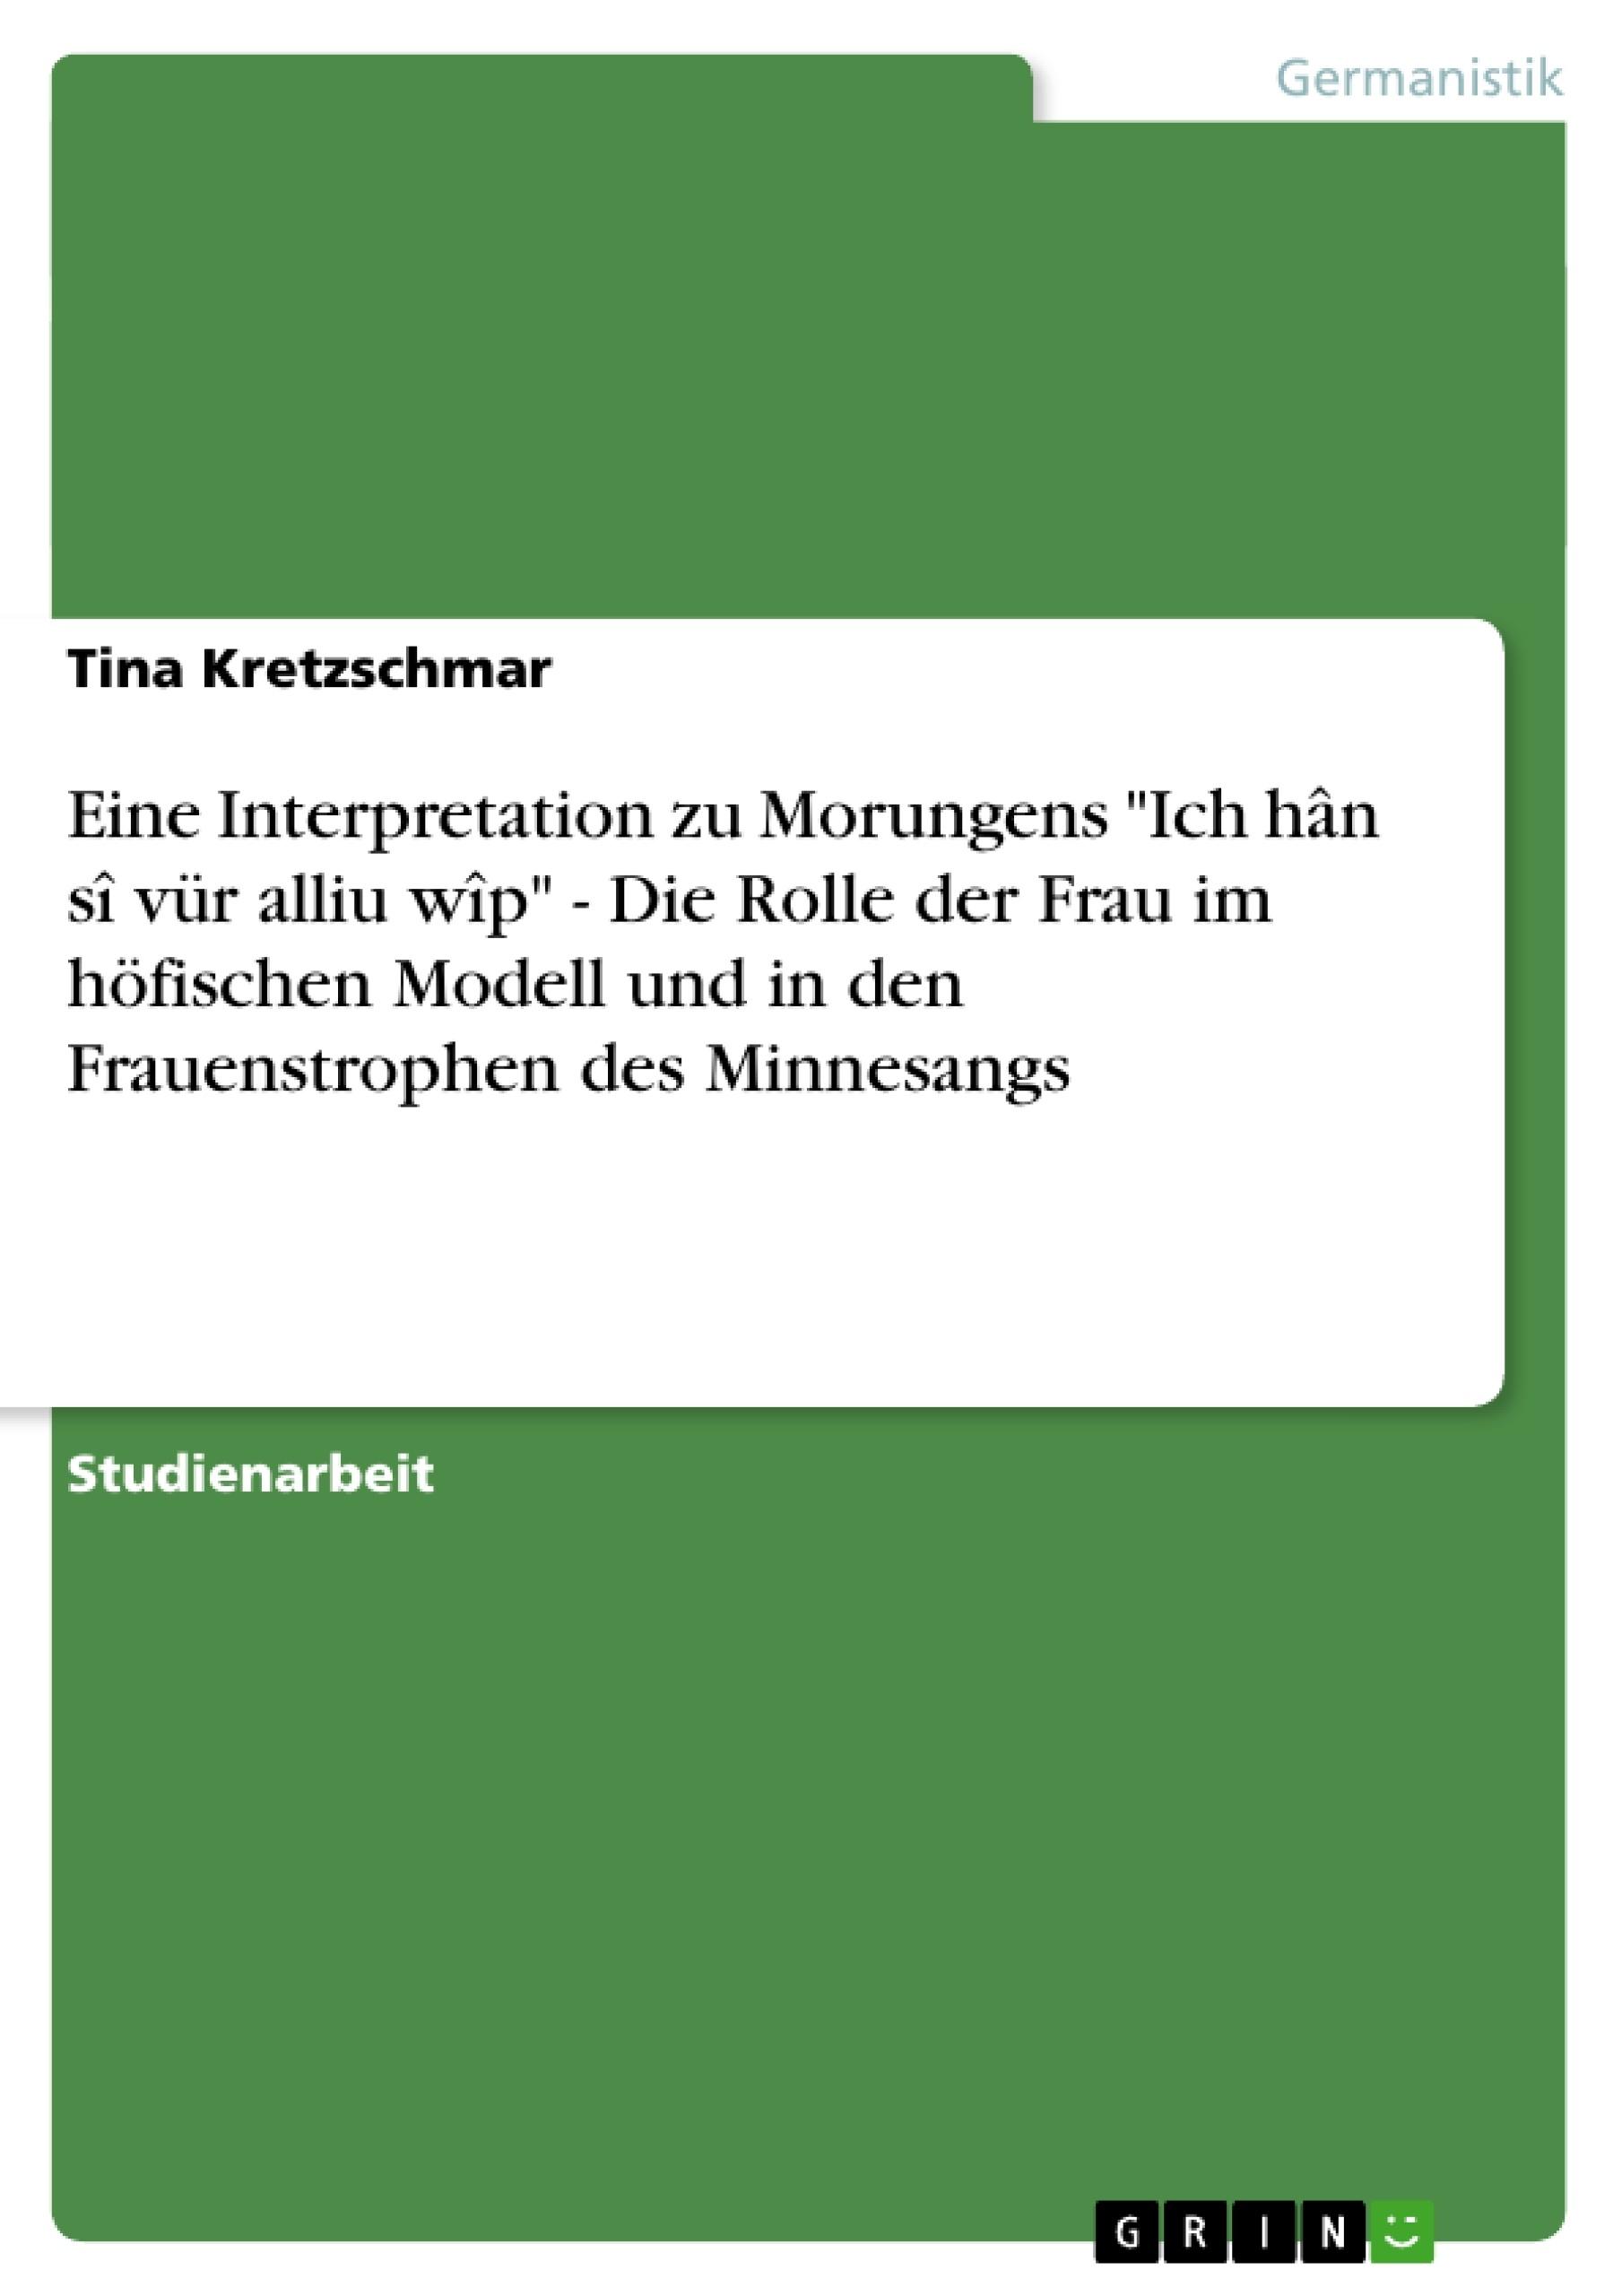 """Titel: Eine Interpretation zu Morungens """"Ich hân sî vür alliu wîp"""" - Die Rolle der Frau im höfischen Modell und in den Frauenstrophen des Minnesangs"""